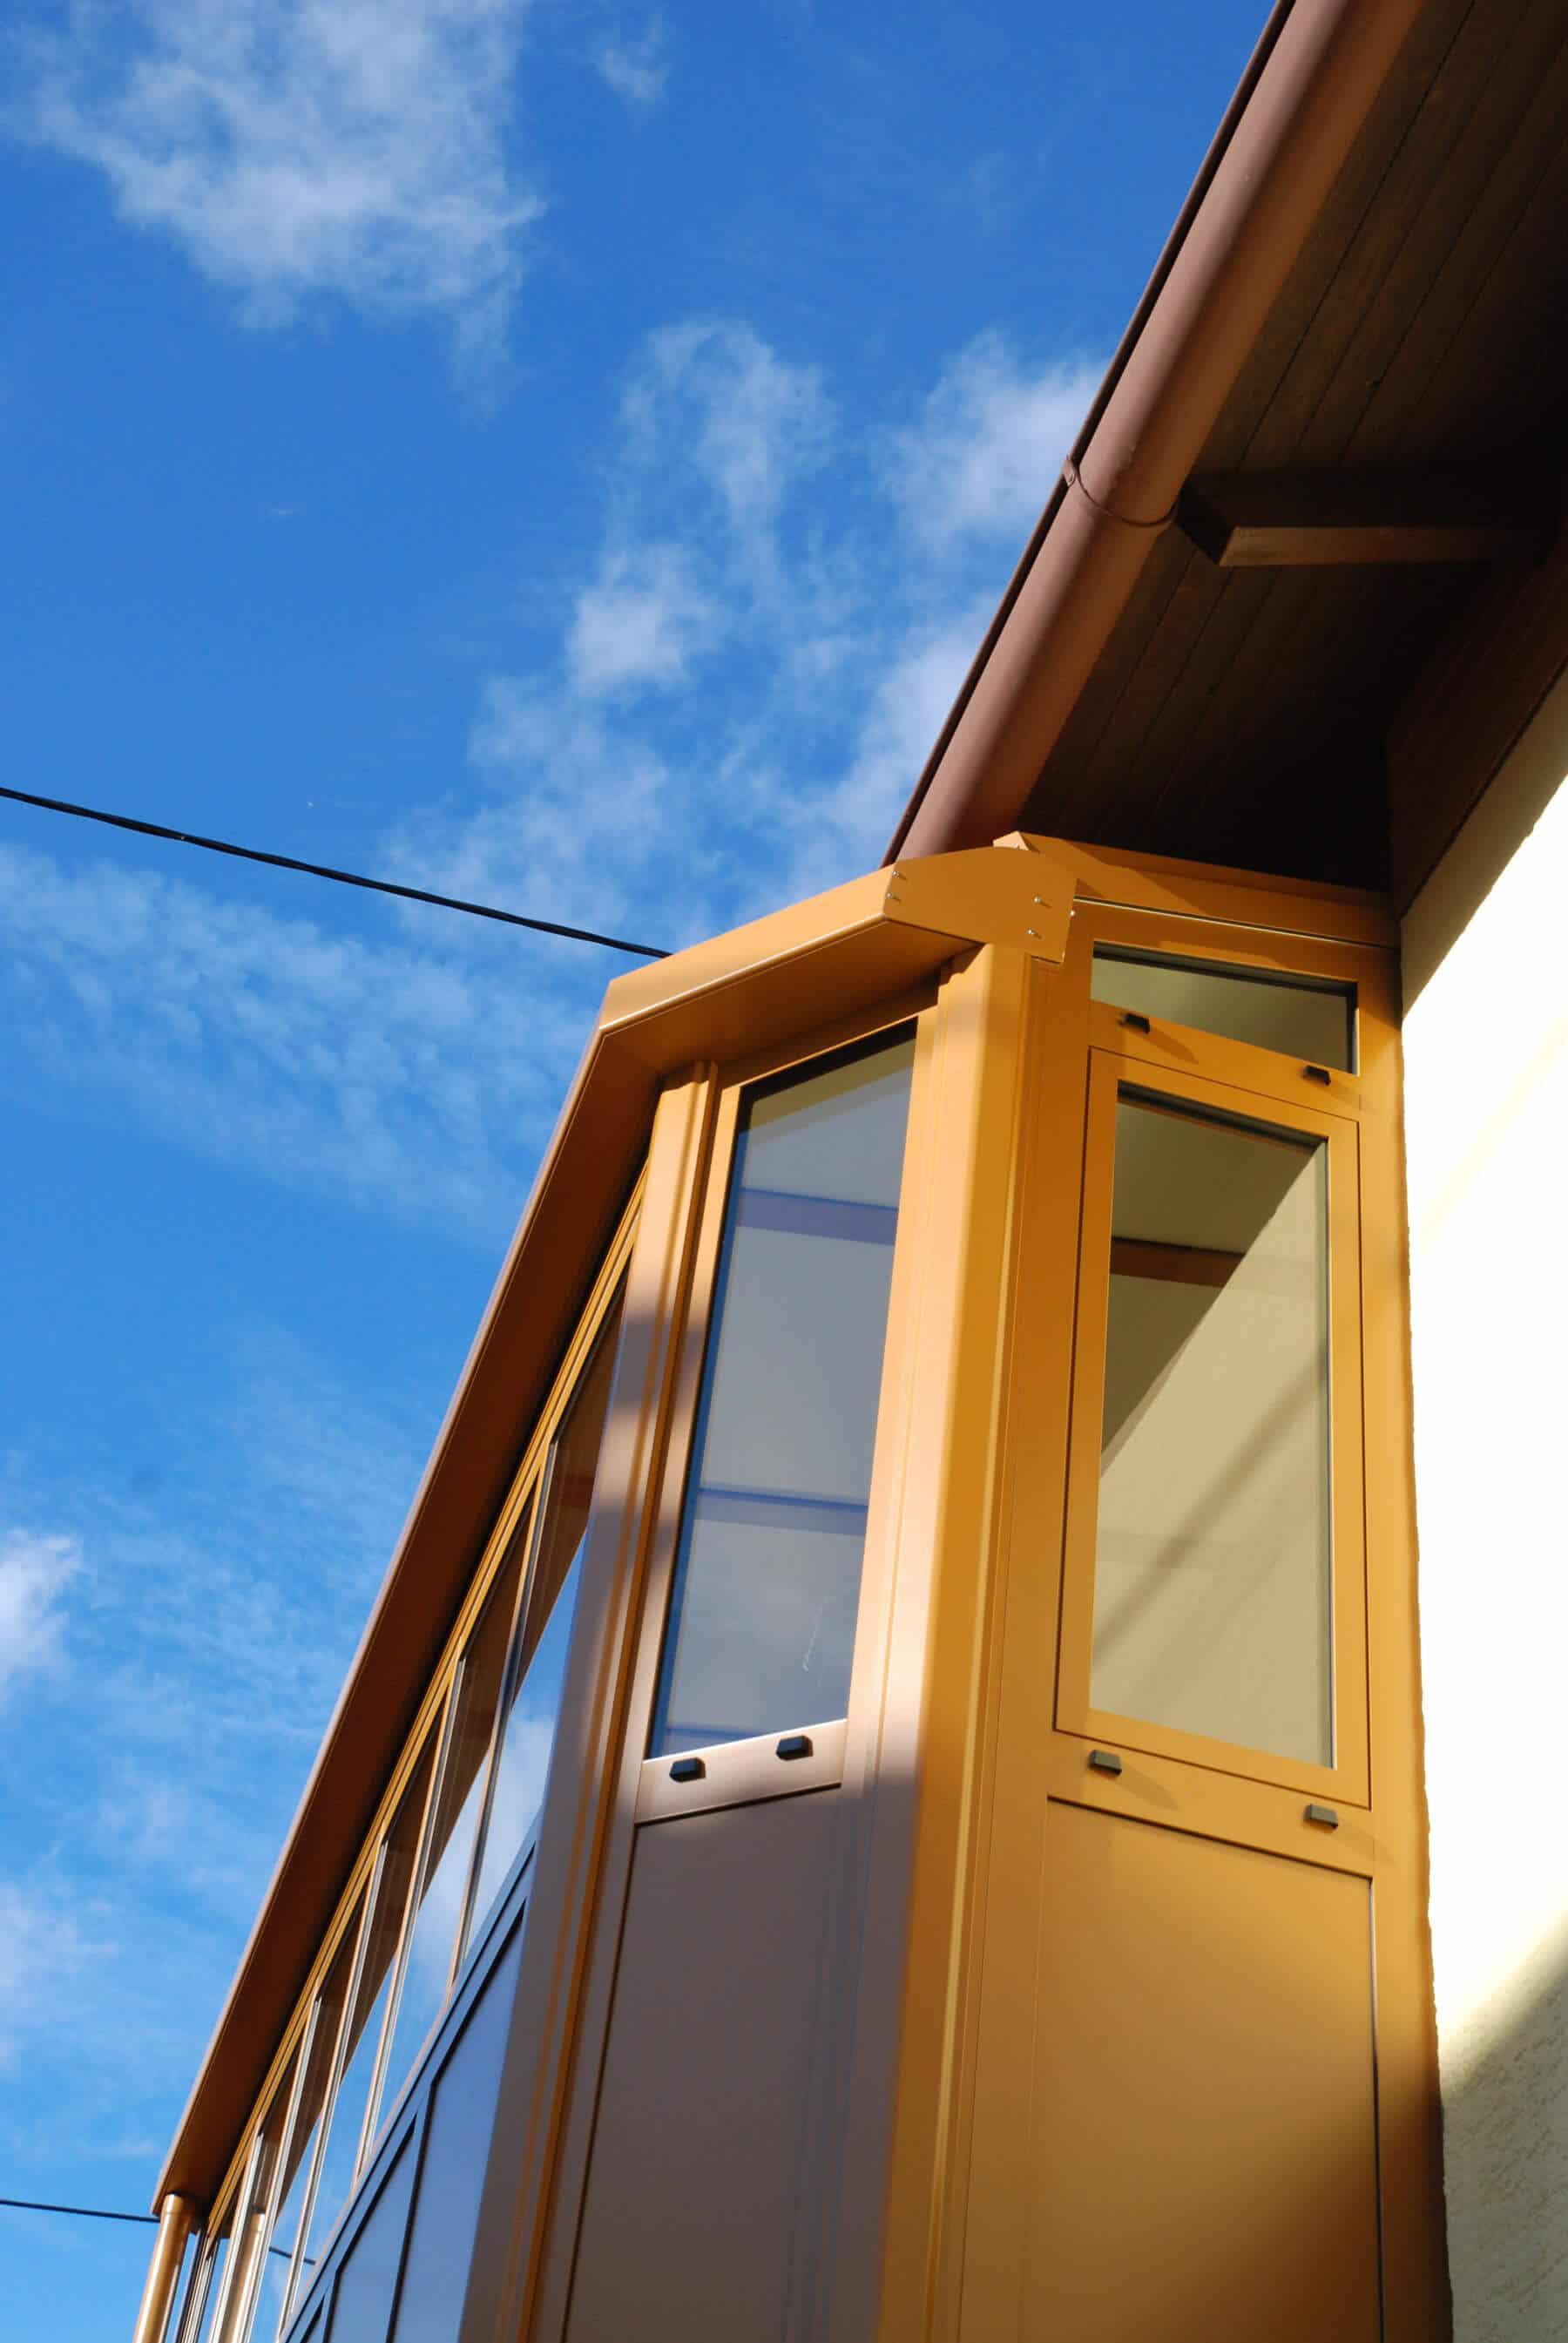 Balkonverbau mit geschlossenem Dach und Faltschiebefenster in ockerbraun